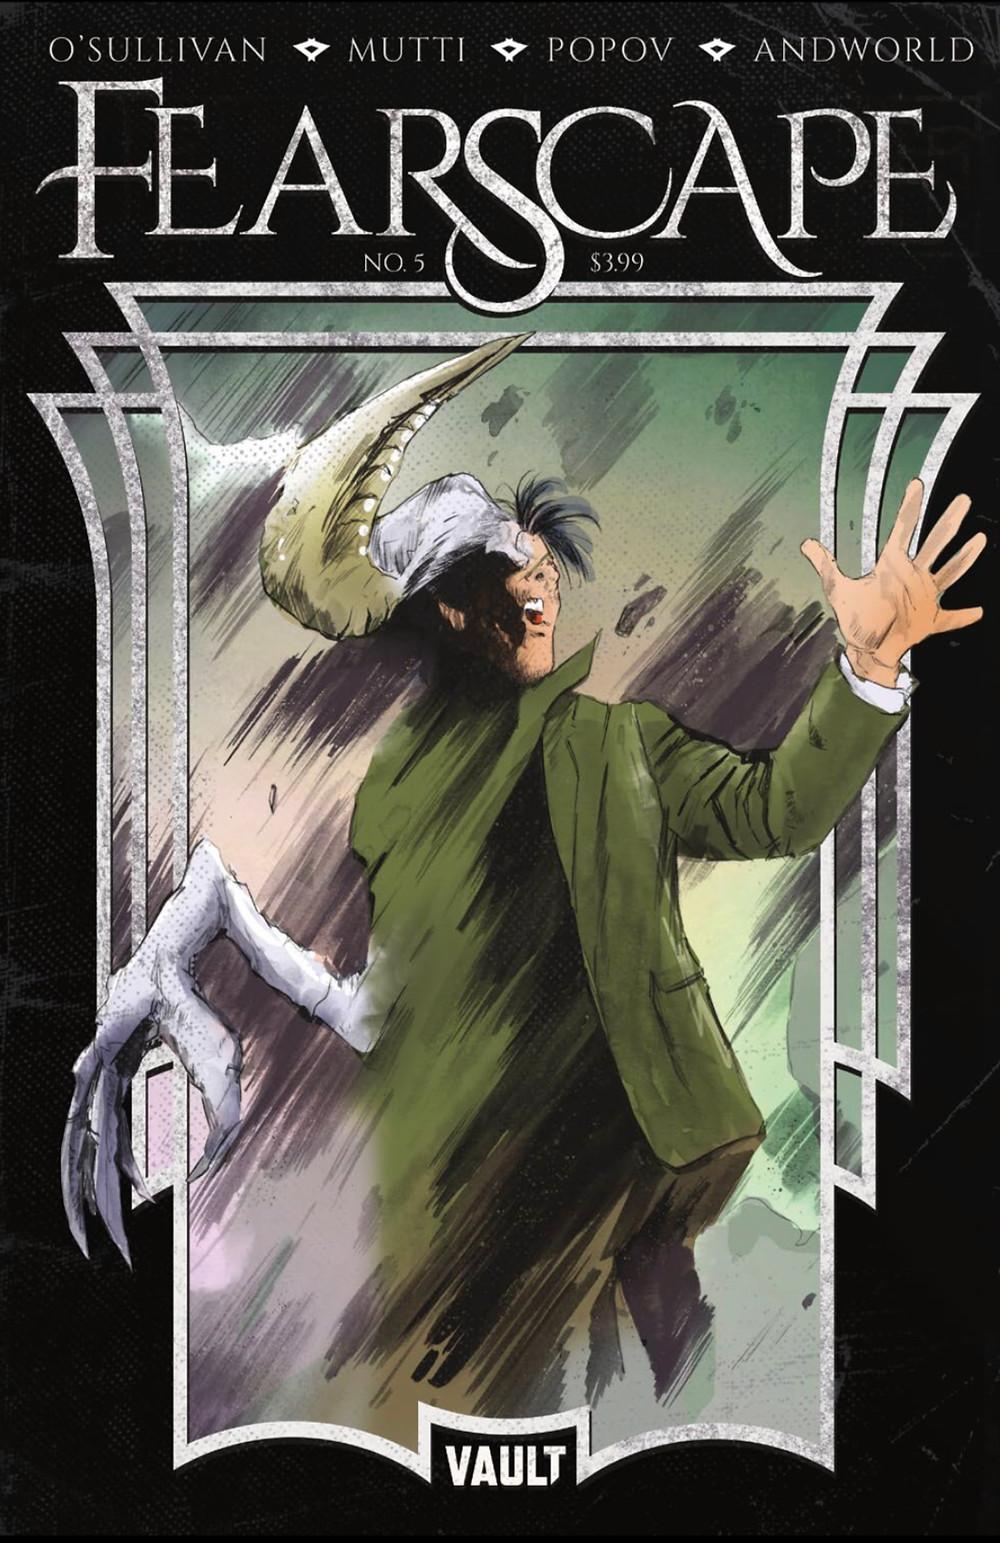 Fearscape, Issue #5, cover, Vault Comics, O'Sullivan/Mutti